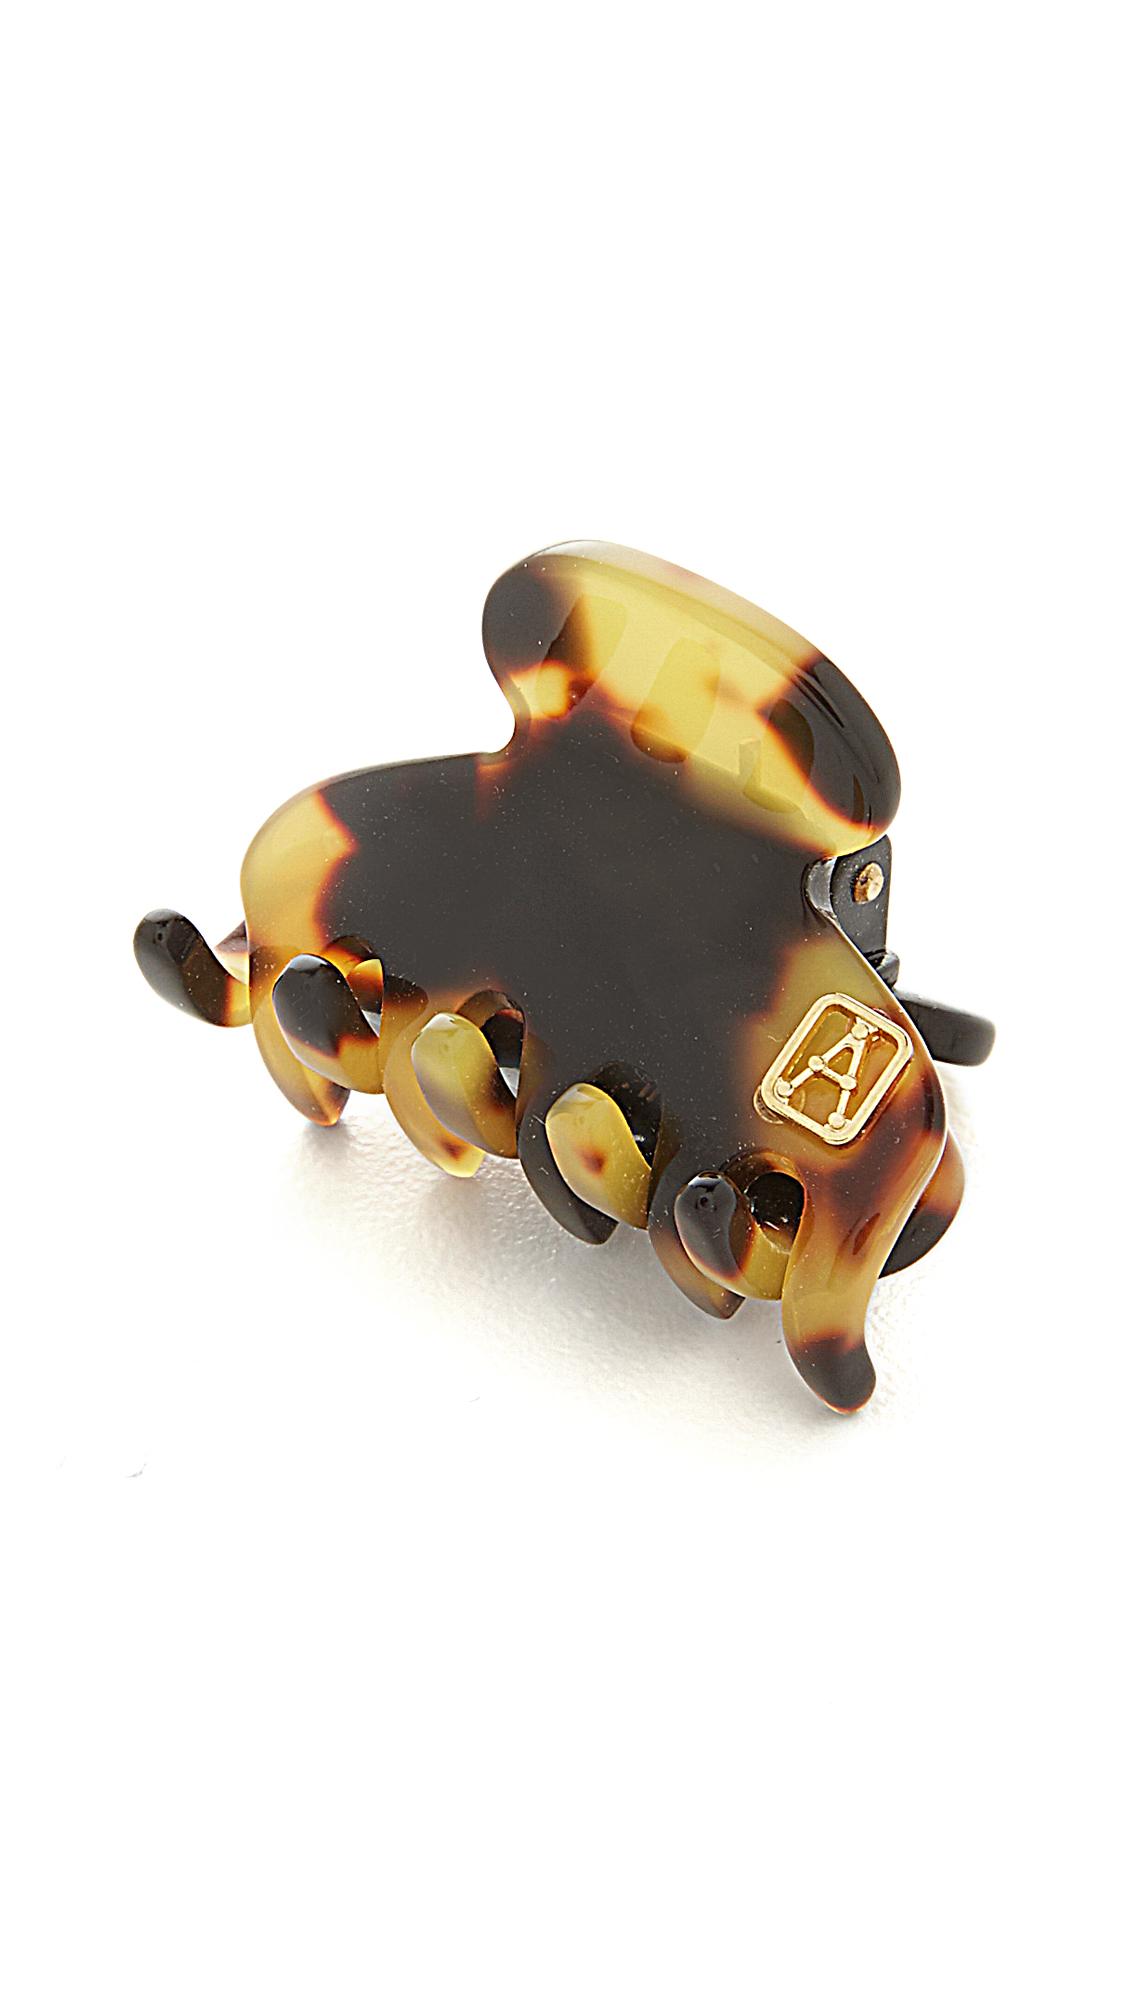 Alexandre de Paris Small Jaw Clip - Tokyo Tortoise